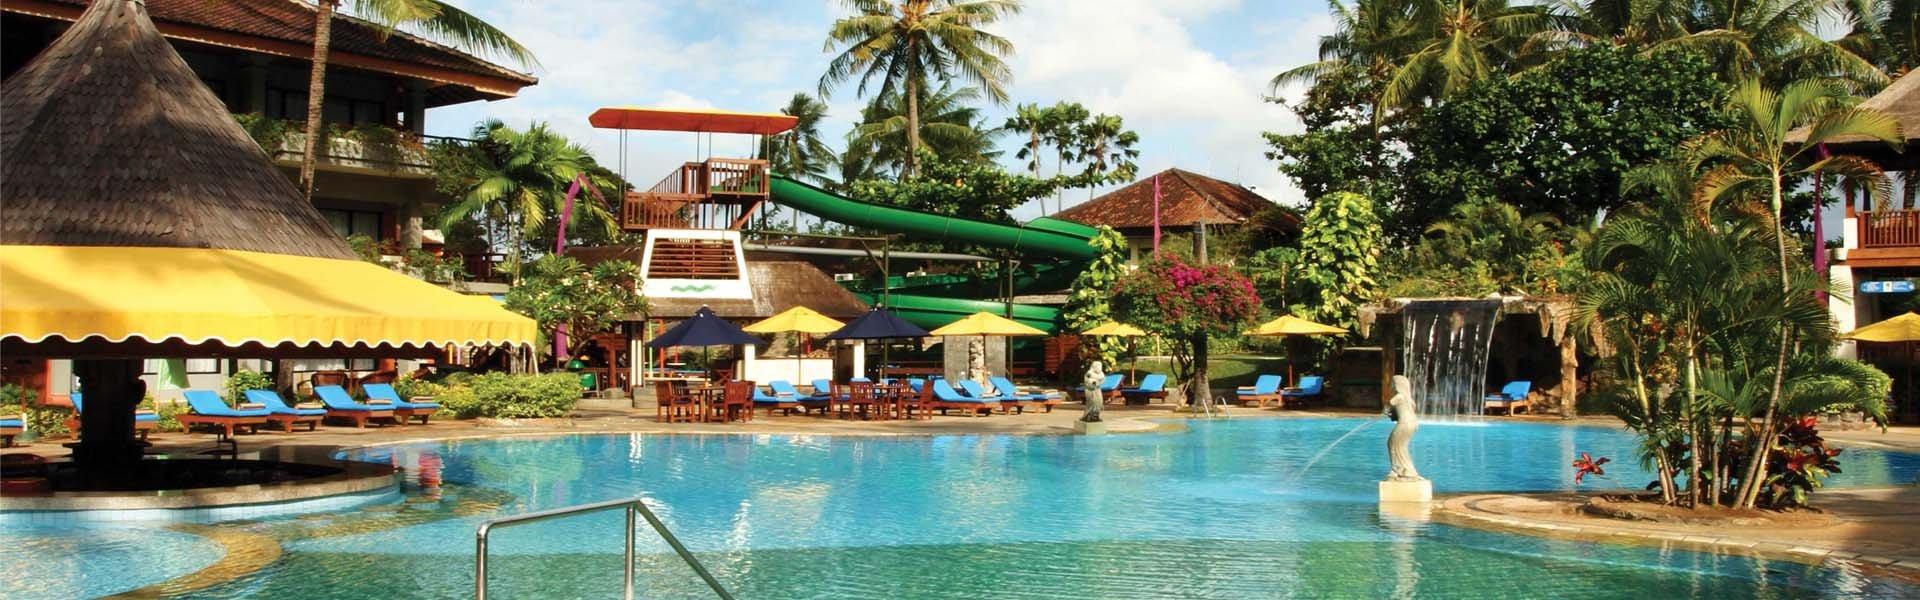 Bali Dynasti resort Tuban